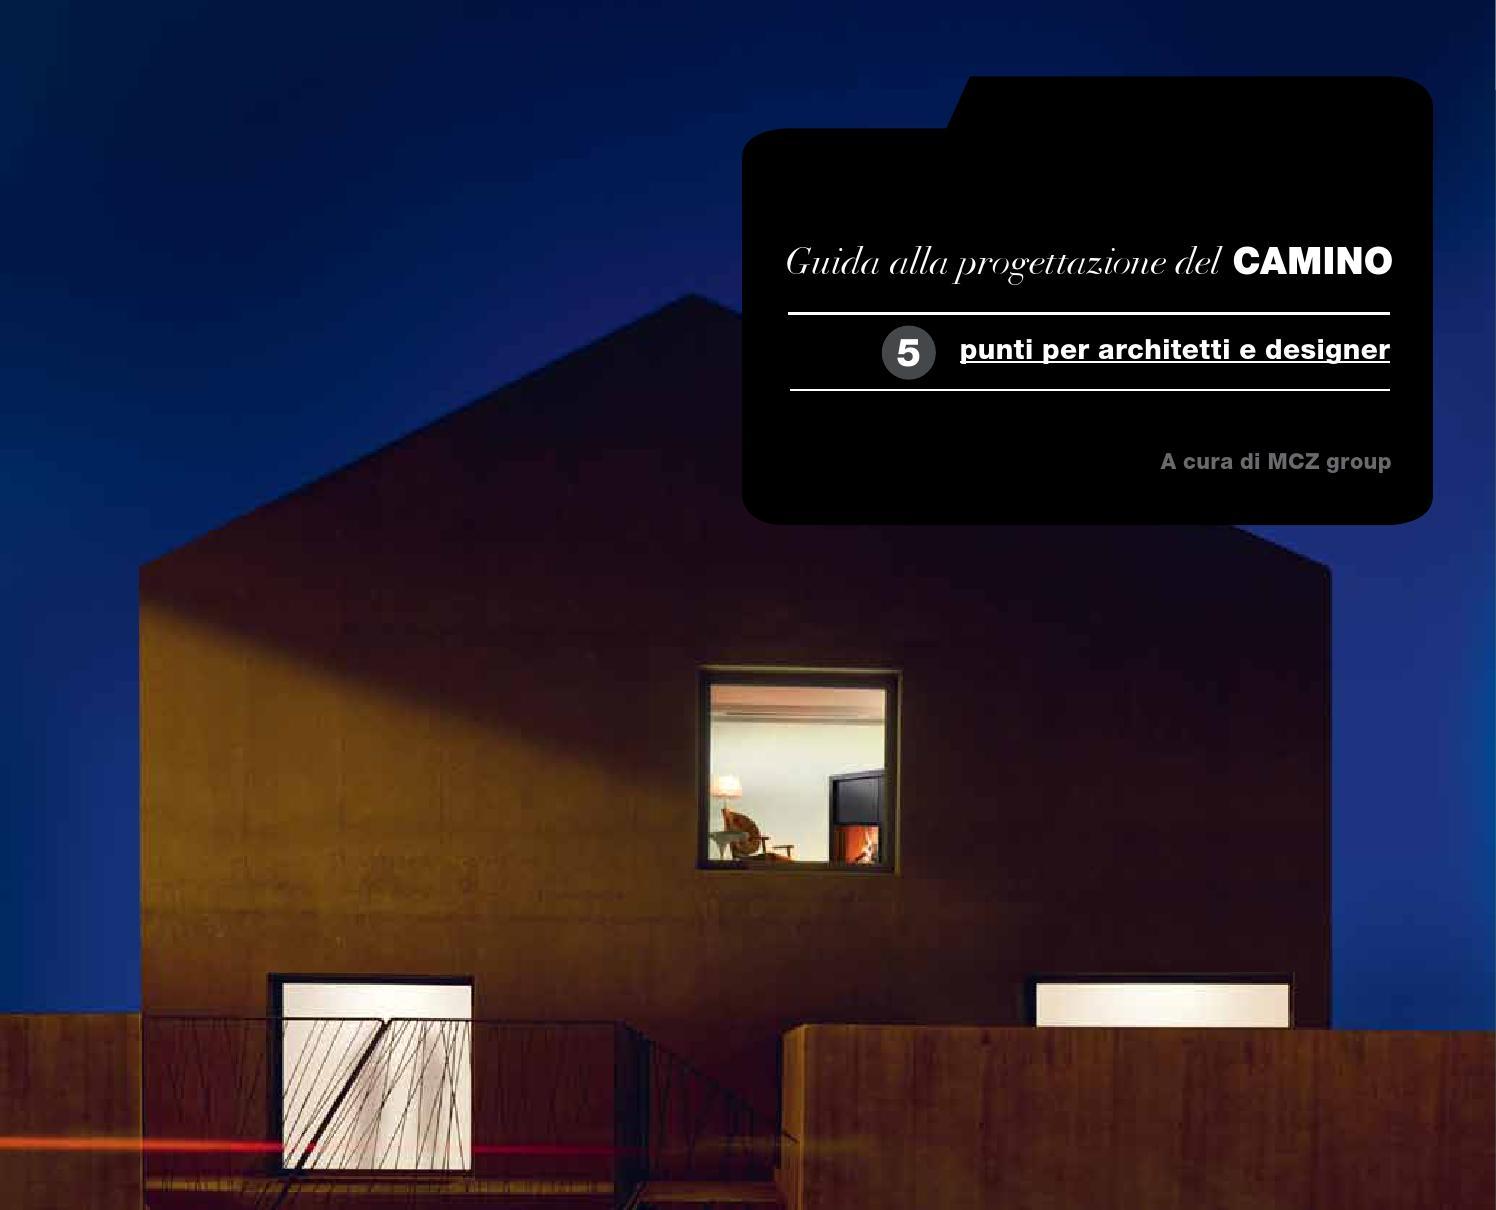 Guida alla progettazione del camino by giulia pavanello for Programmi per designer